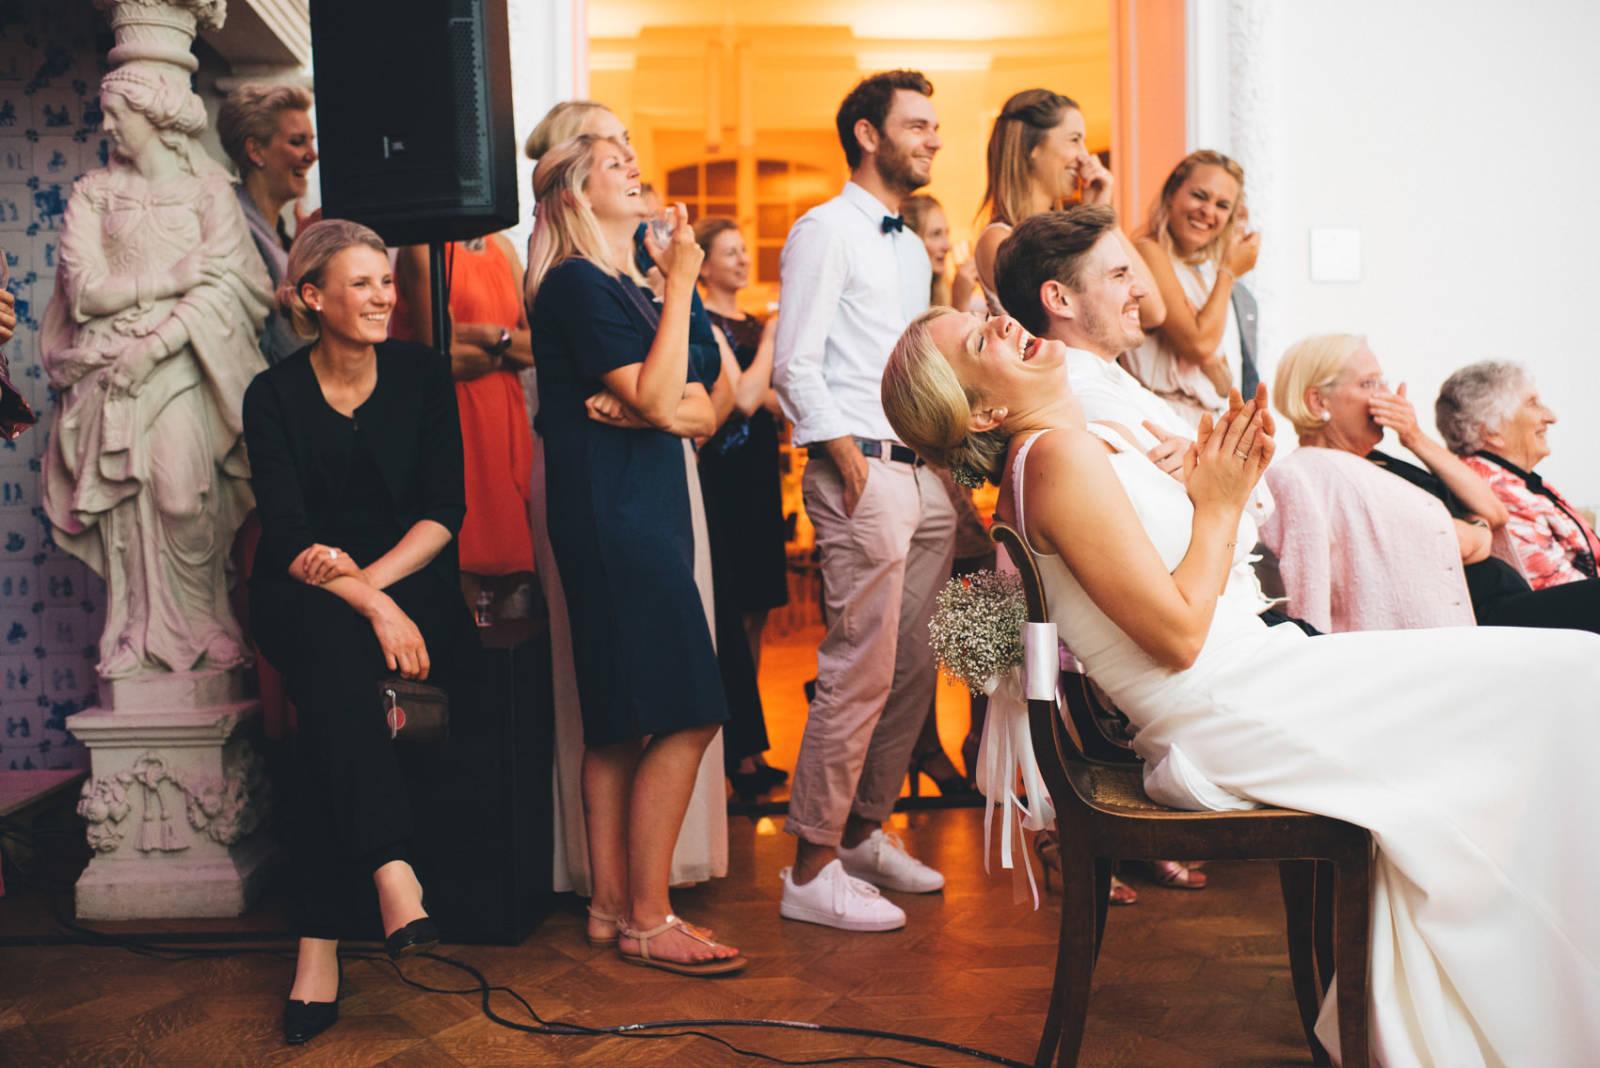 Kathrin + Julia Hochzeit Münster Hochzeitsreportage Hochzeitsfotograf Münster Bruno Biermann Hochzeitsfotograf Stuttgart Schlosshochzeit -81